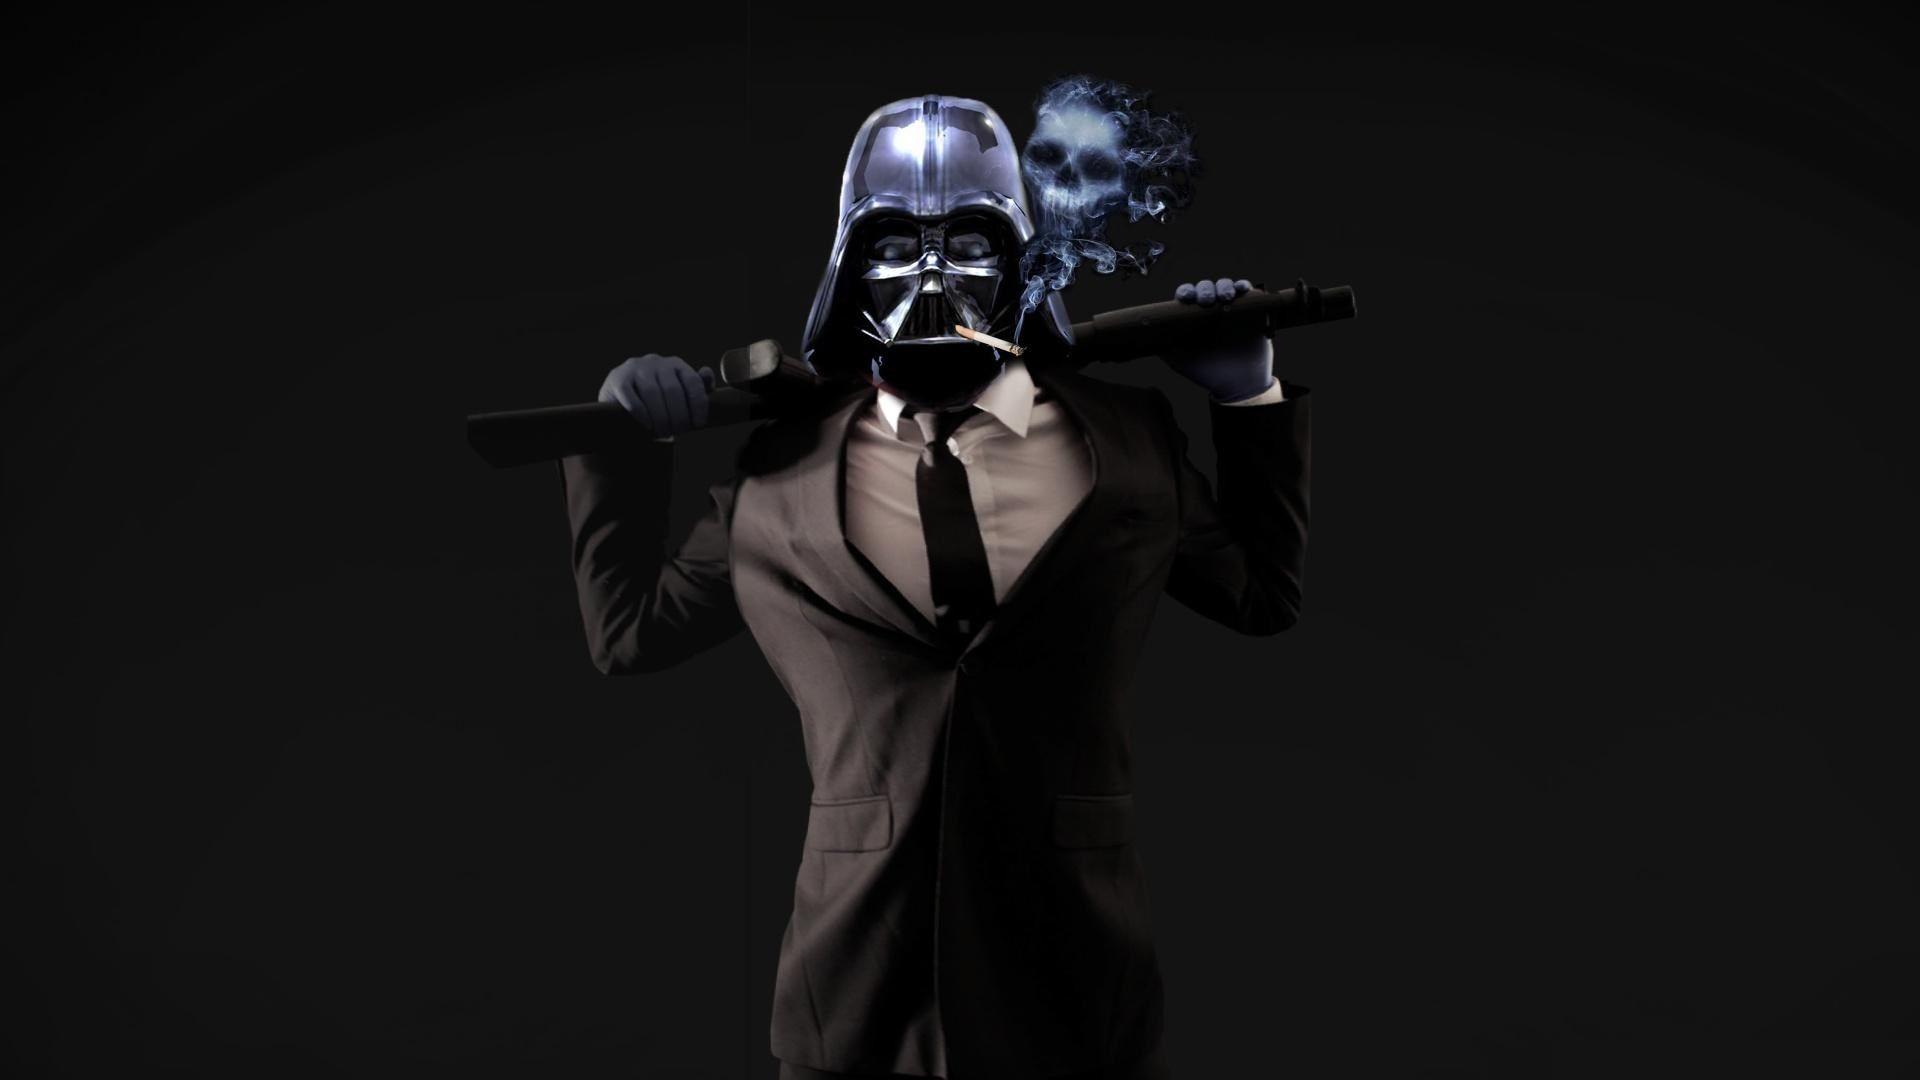 Darth Vader 4k Wallpaper Pc Gallery Darth Vader Wallpaper Darth Vader 4k Wallpaper Star Wars Wallpaper